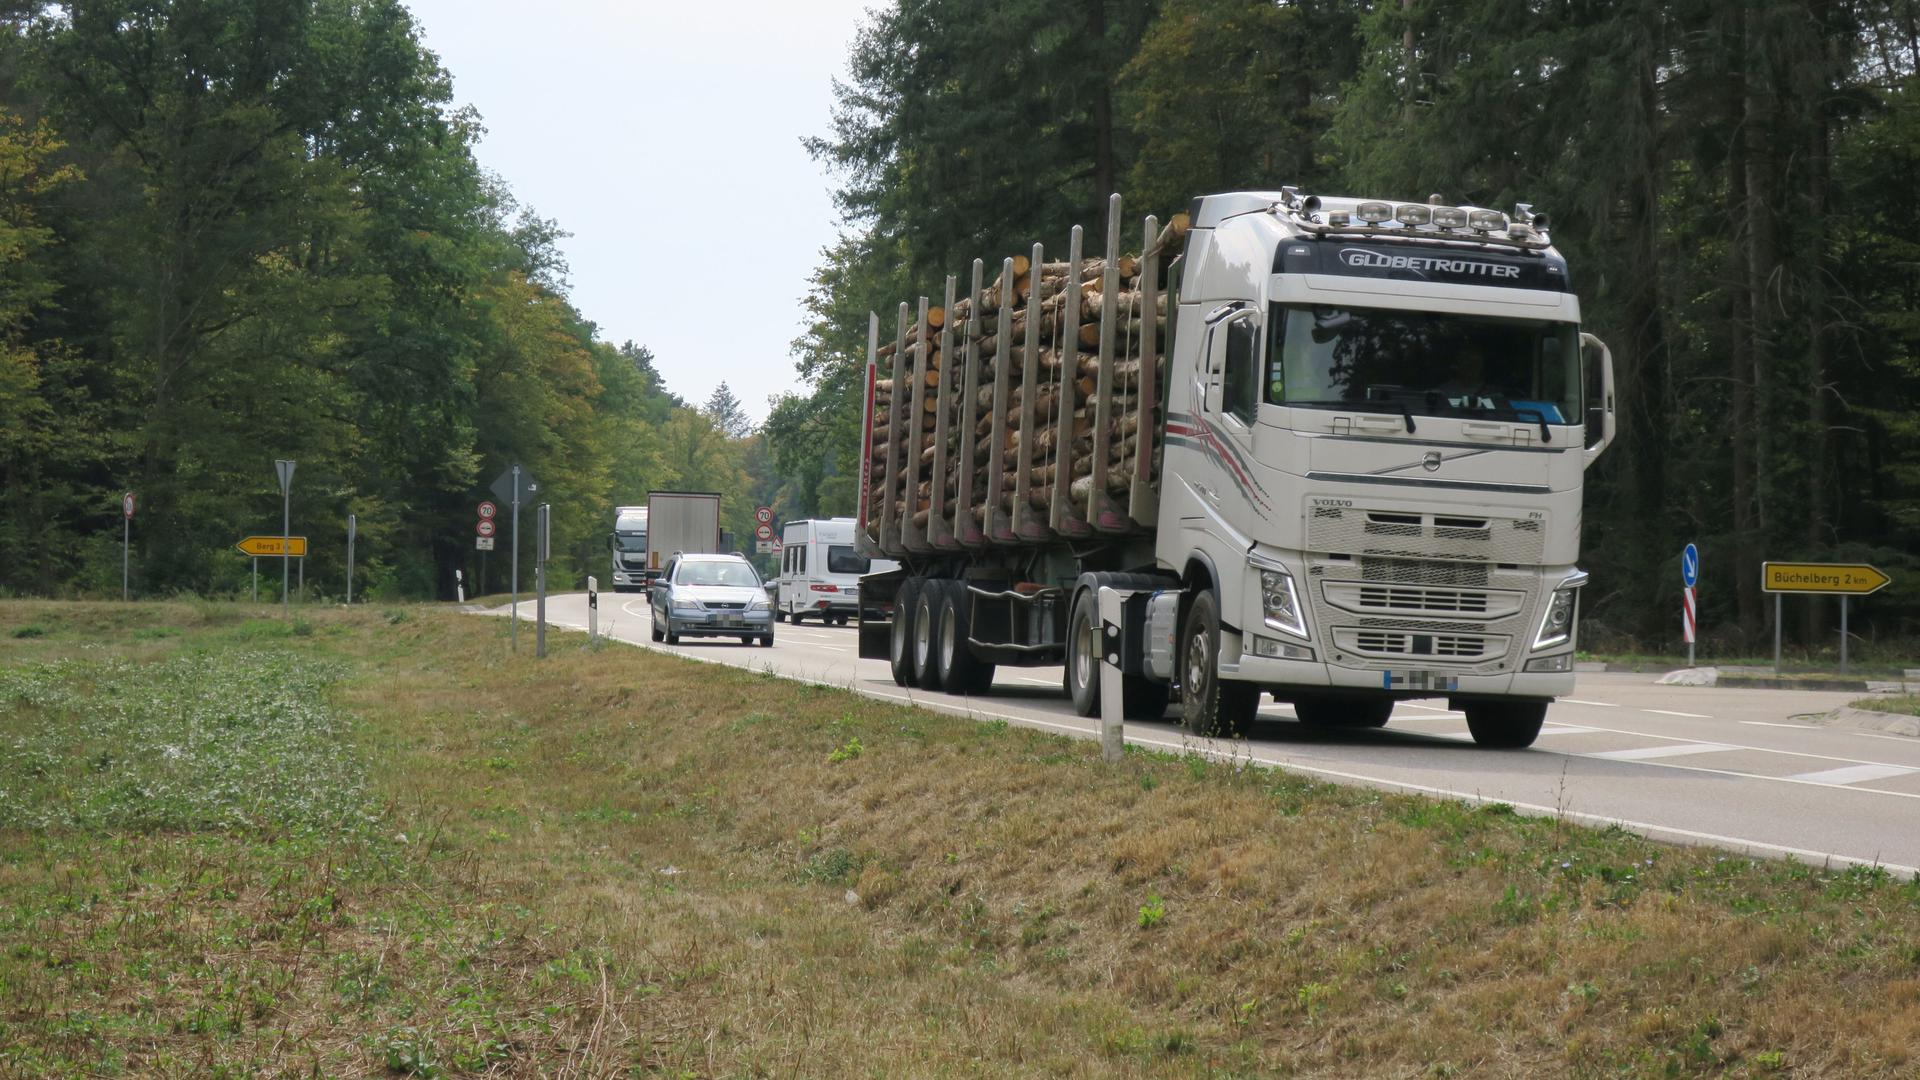 Für die Autofahrer gibt es auf der schmalen Straße nur wenig Chancen, um die Laster zu überholen.